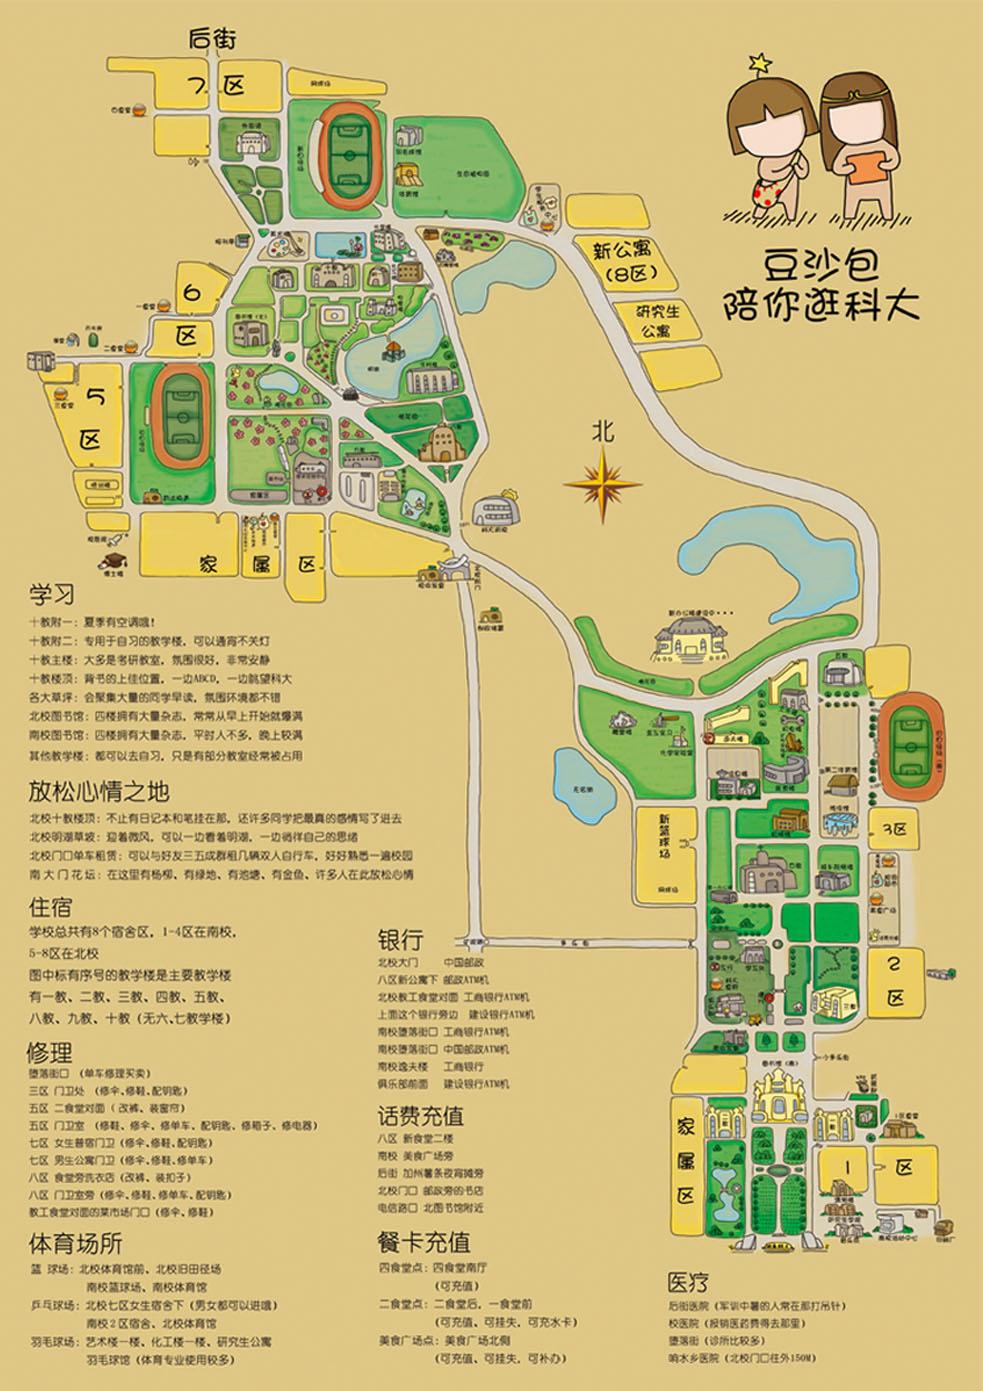 漫游湖南科技大学地图,给你指南